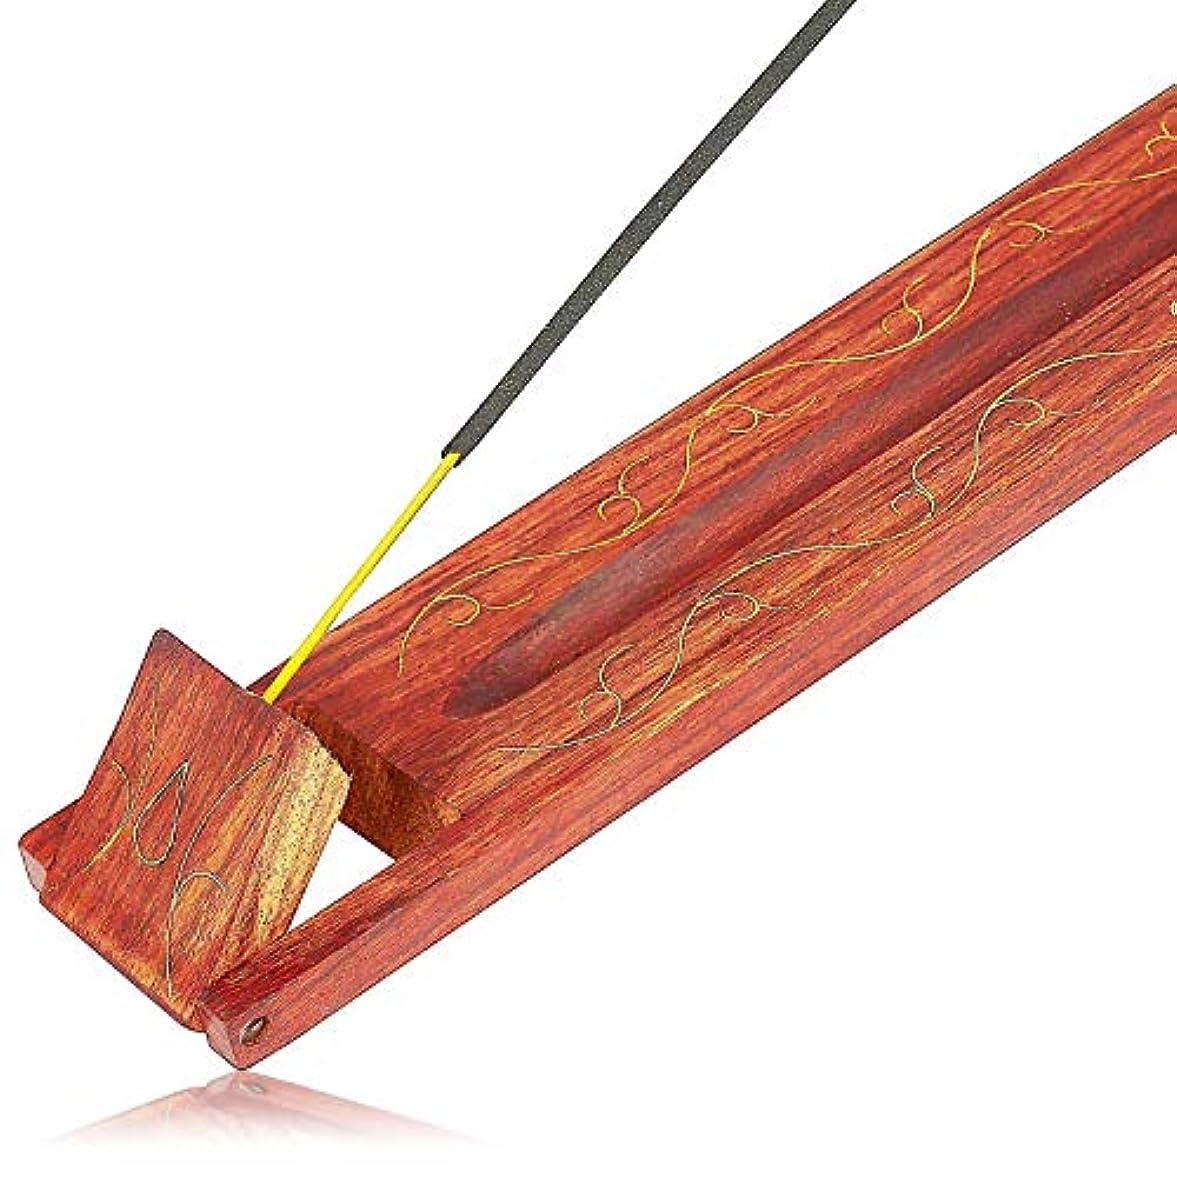 フレア迅速防衛母の日ギフト木製お香スティックバーナーホルダーリーフオーガニックEco Friendly AshキャッチャートレイAgarbattiホルダー素朴なスタイル手彫りの瞑想ヨガアロマテラピーHome Fragrance製品